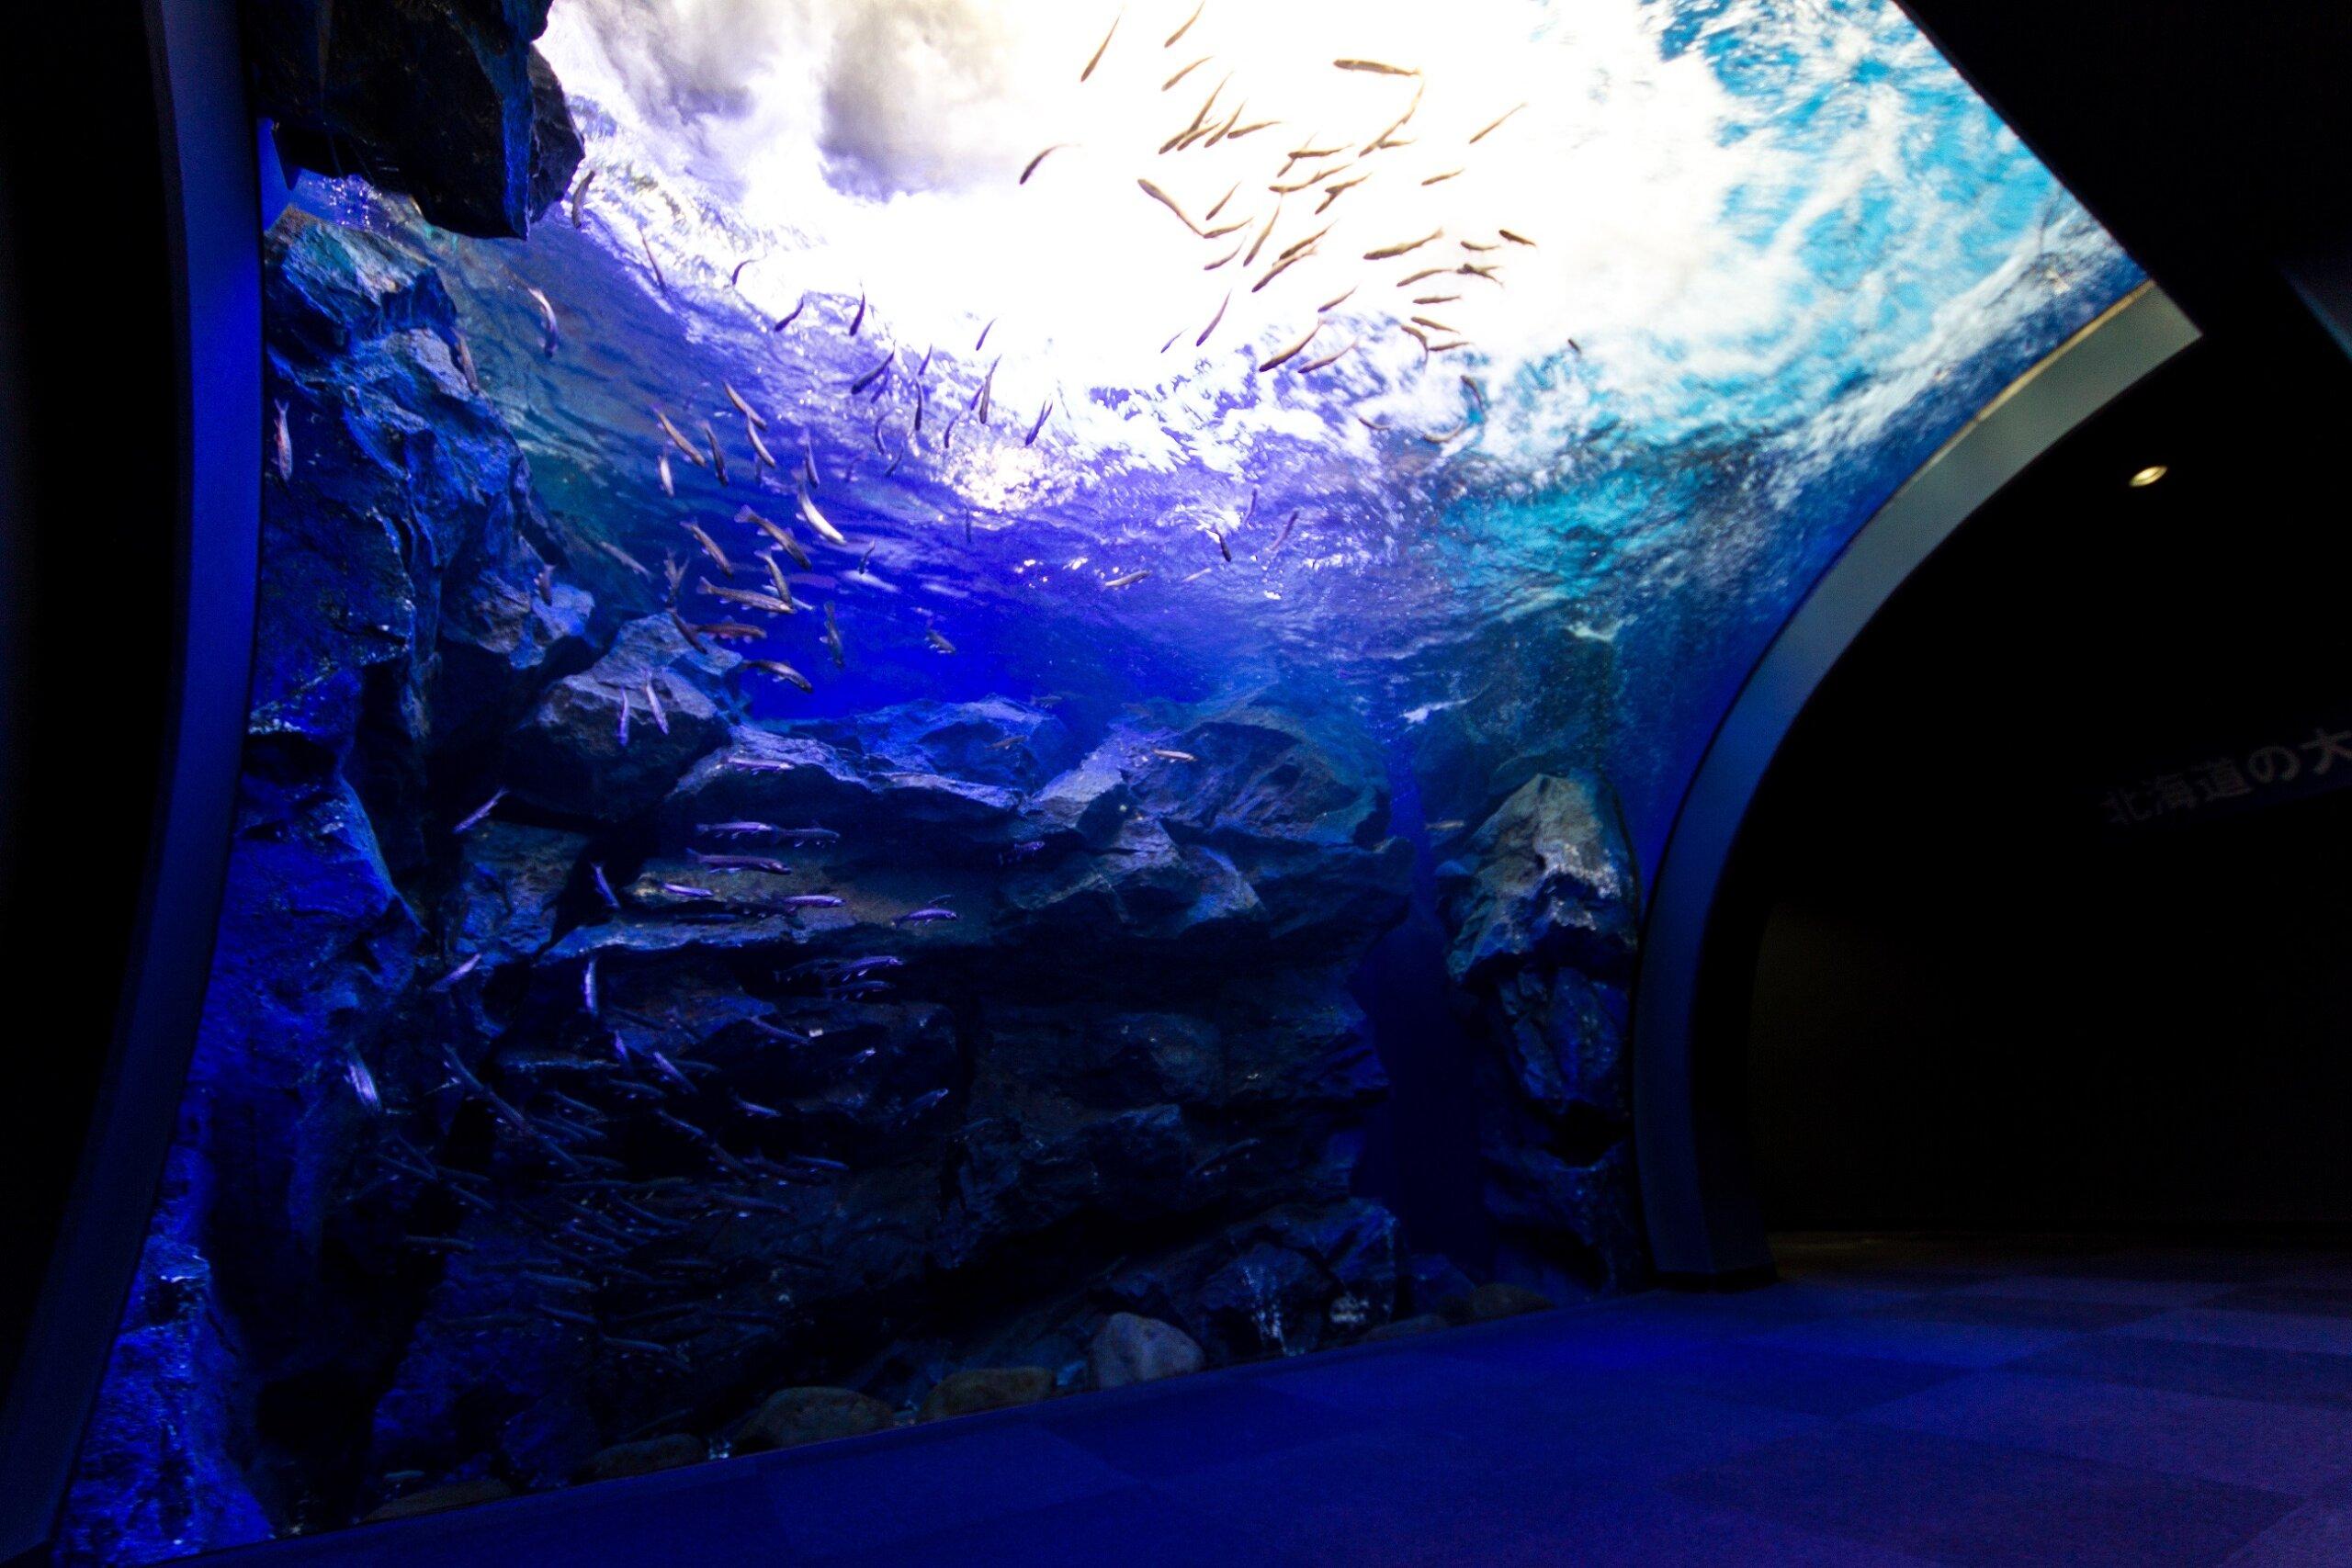 北國大地水族館:可以觀察到淡水魚的自然生態,感受海洋的無窮魅力!